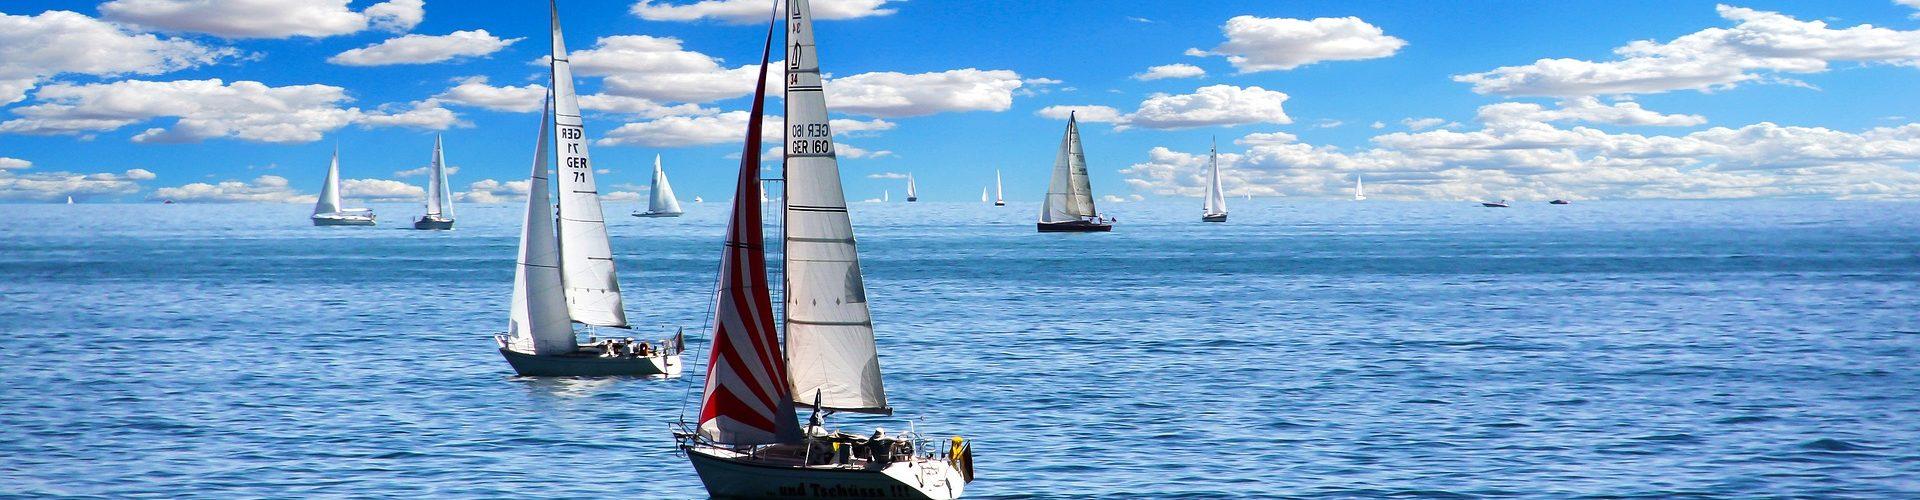 segeln lernen in Haan segelschein machen in Haan 1920x500 - Segeln lernen in Haan